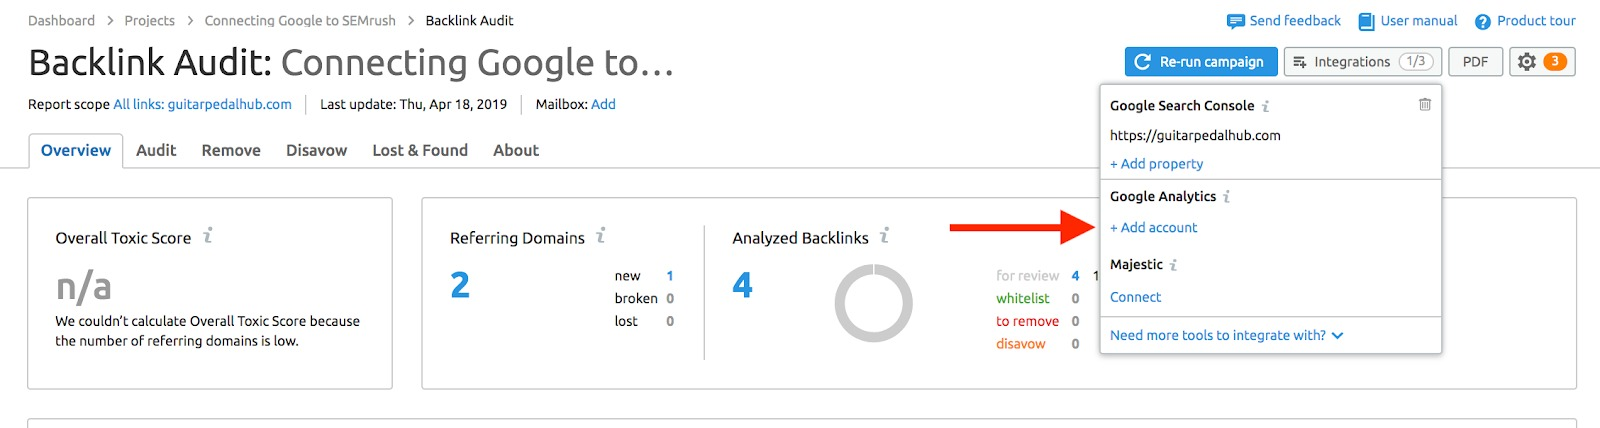 Cómo conectar Backlink Audit con las cuentas de Google image 8